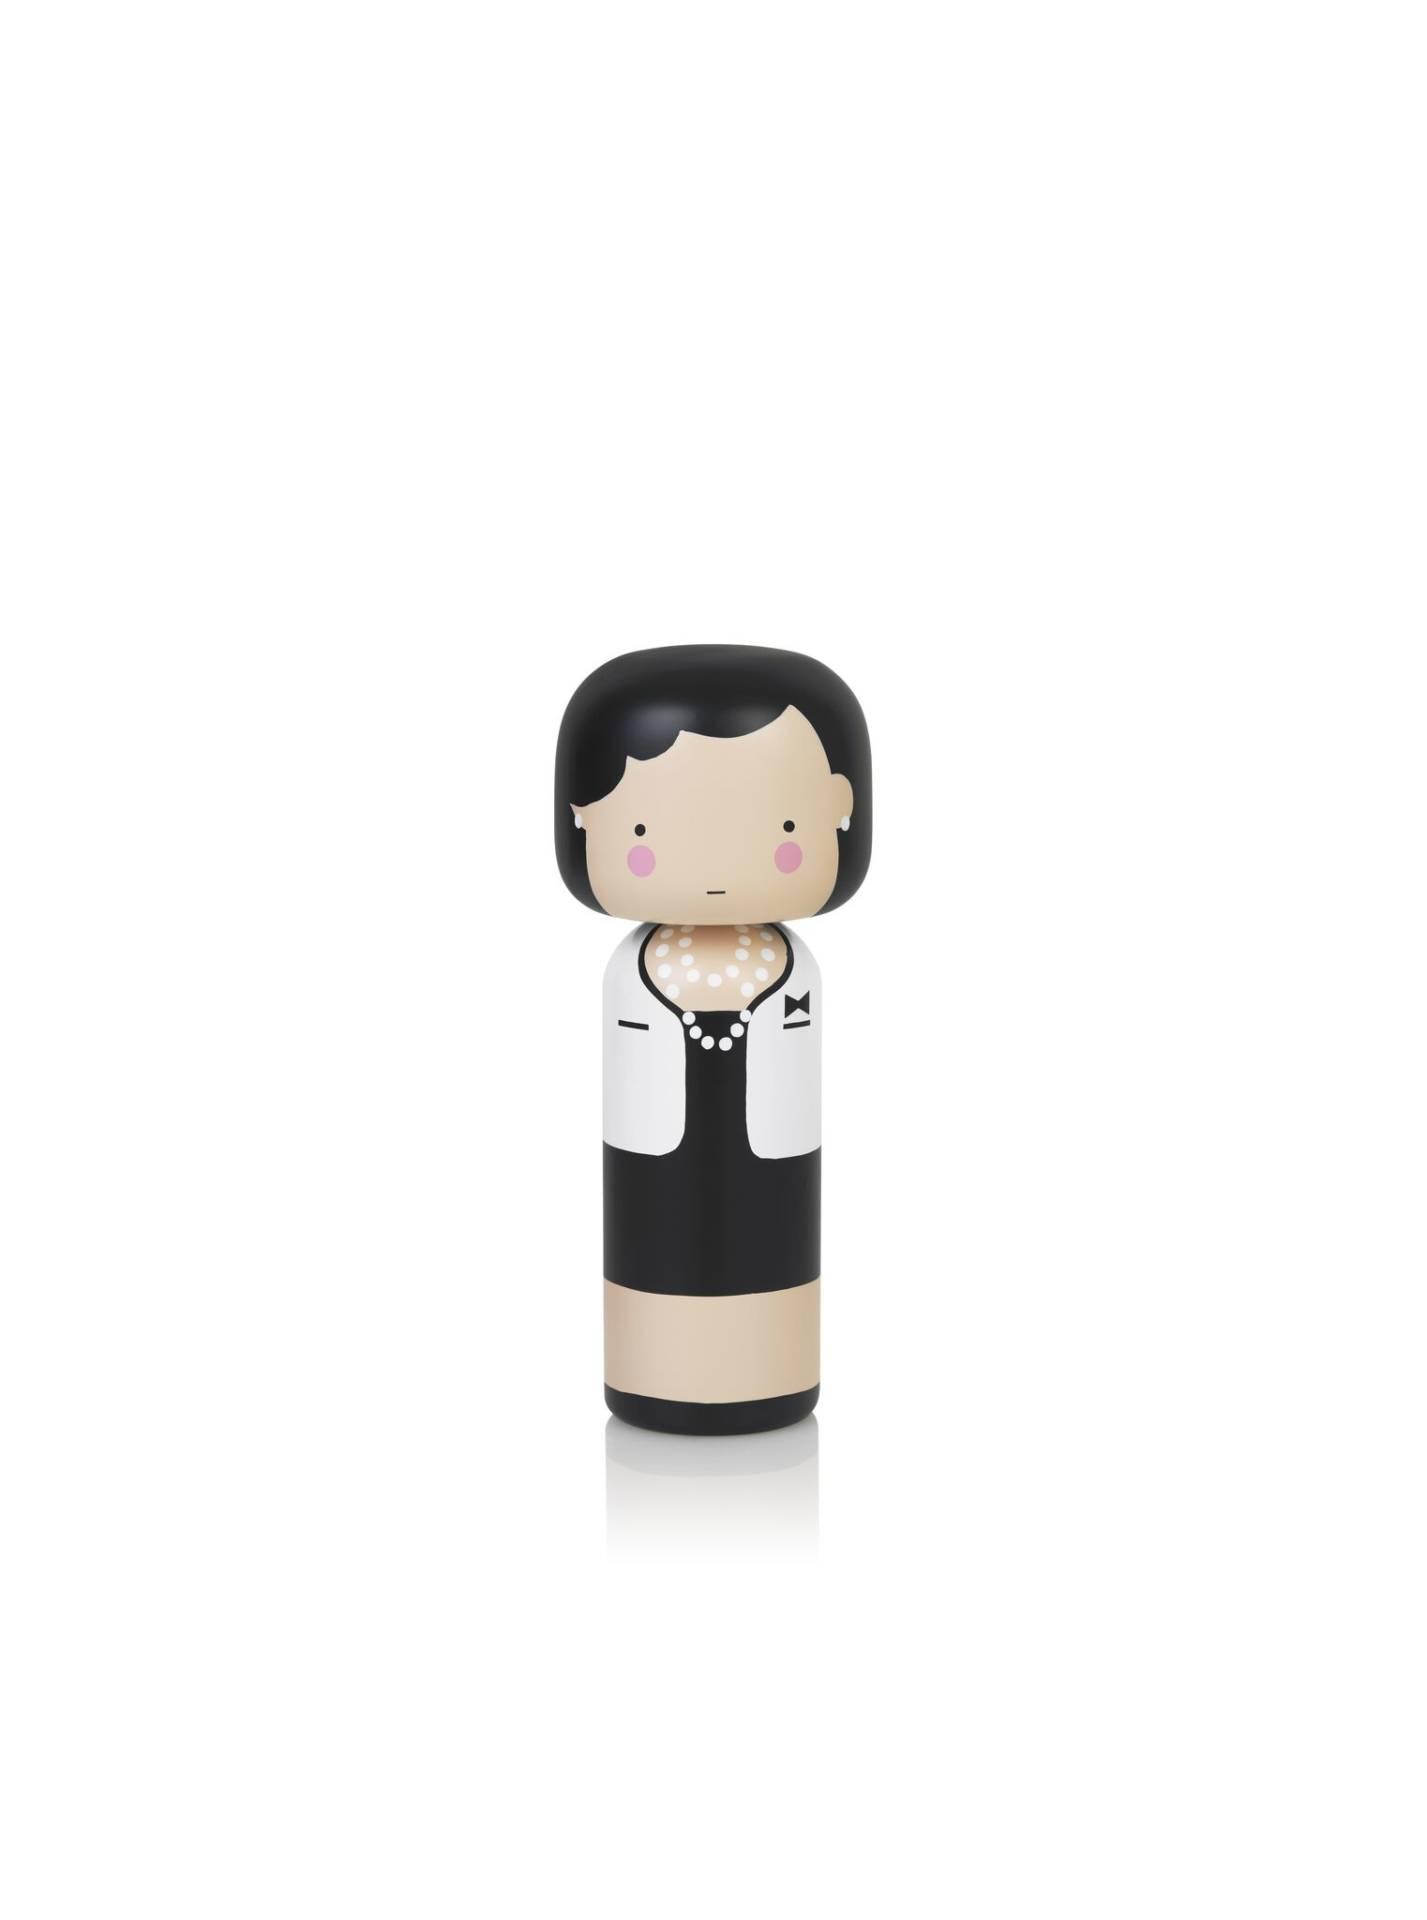 Poupée en bois Coco Chanel H14,5cm : 44€ chez Inspiration design à Colmar